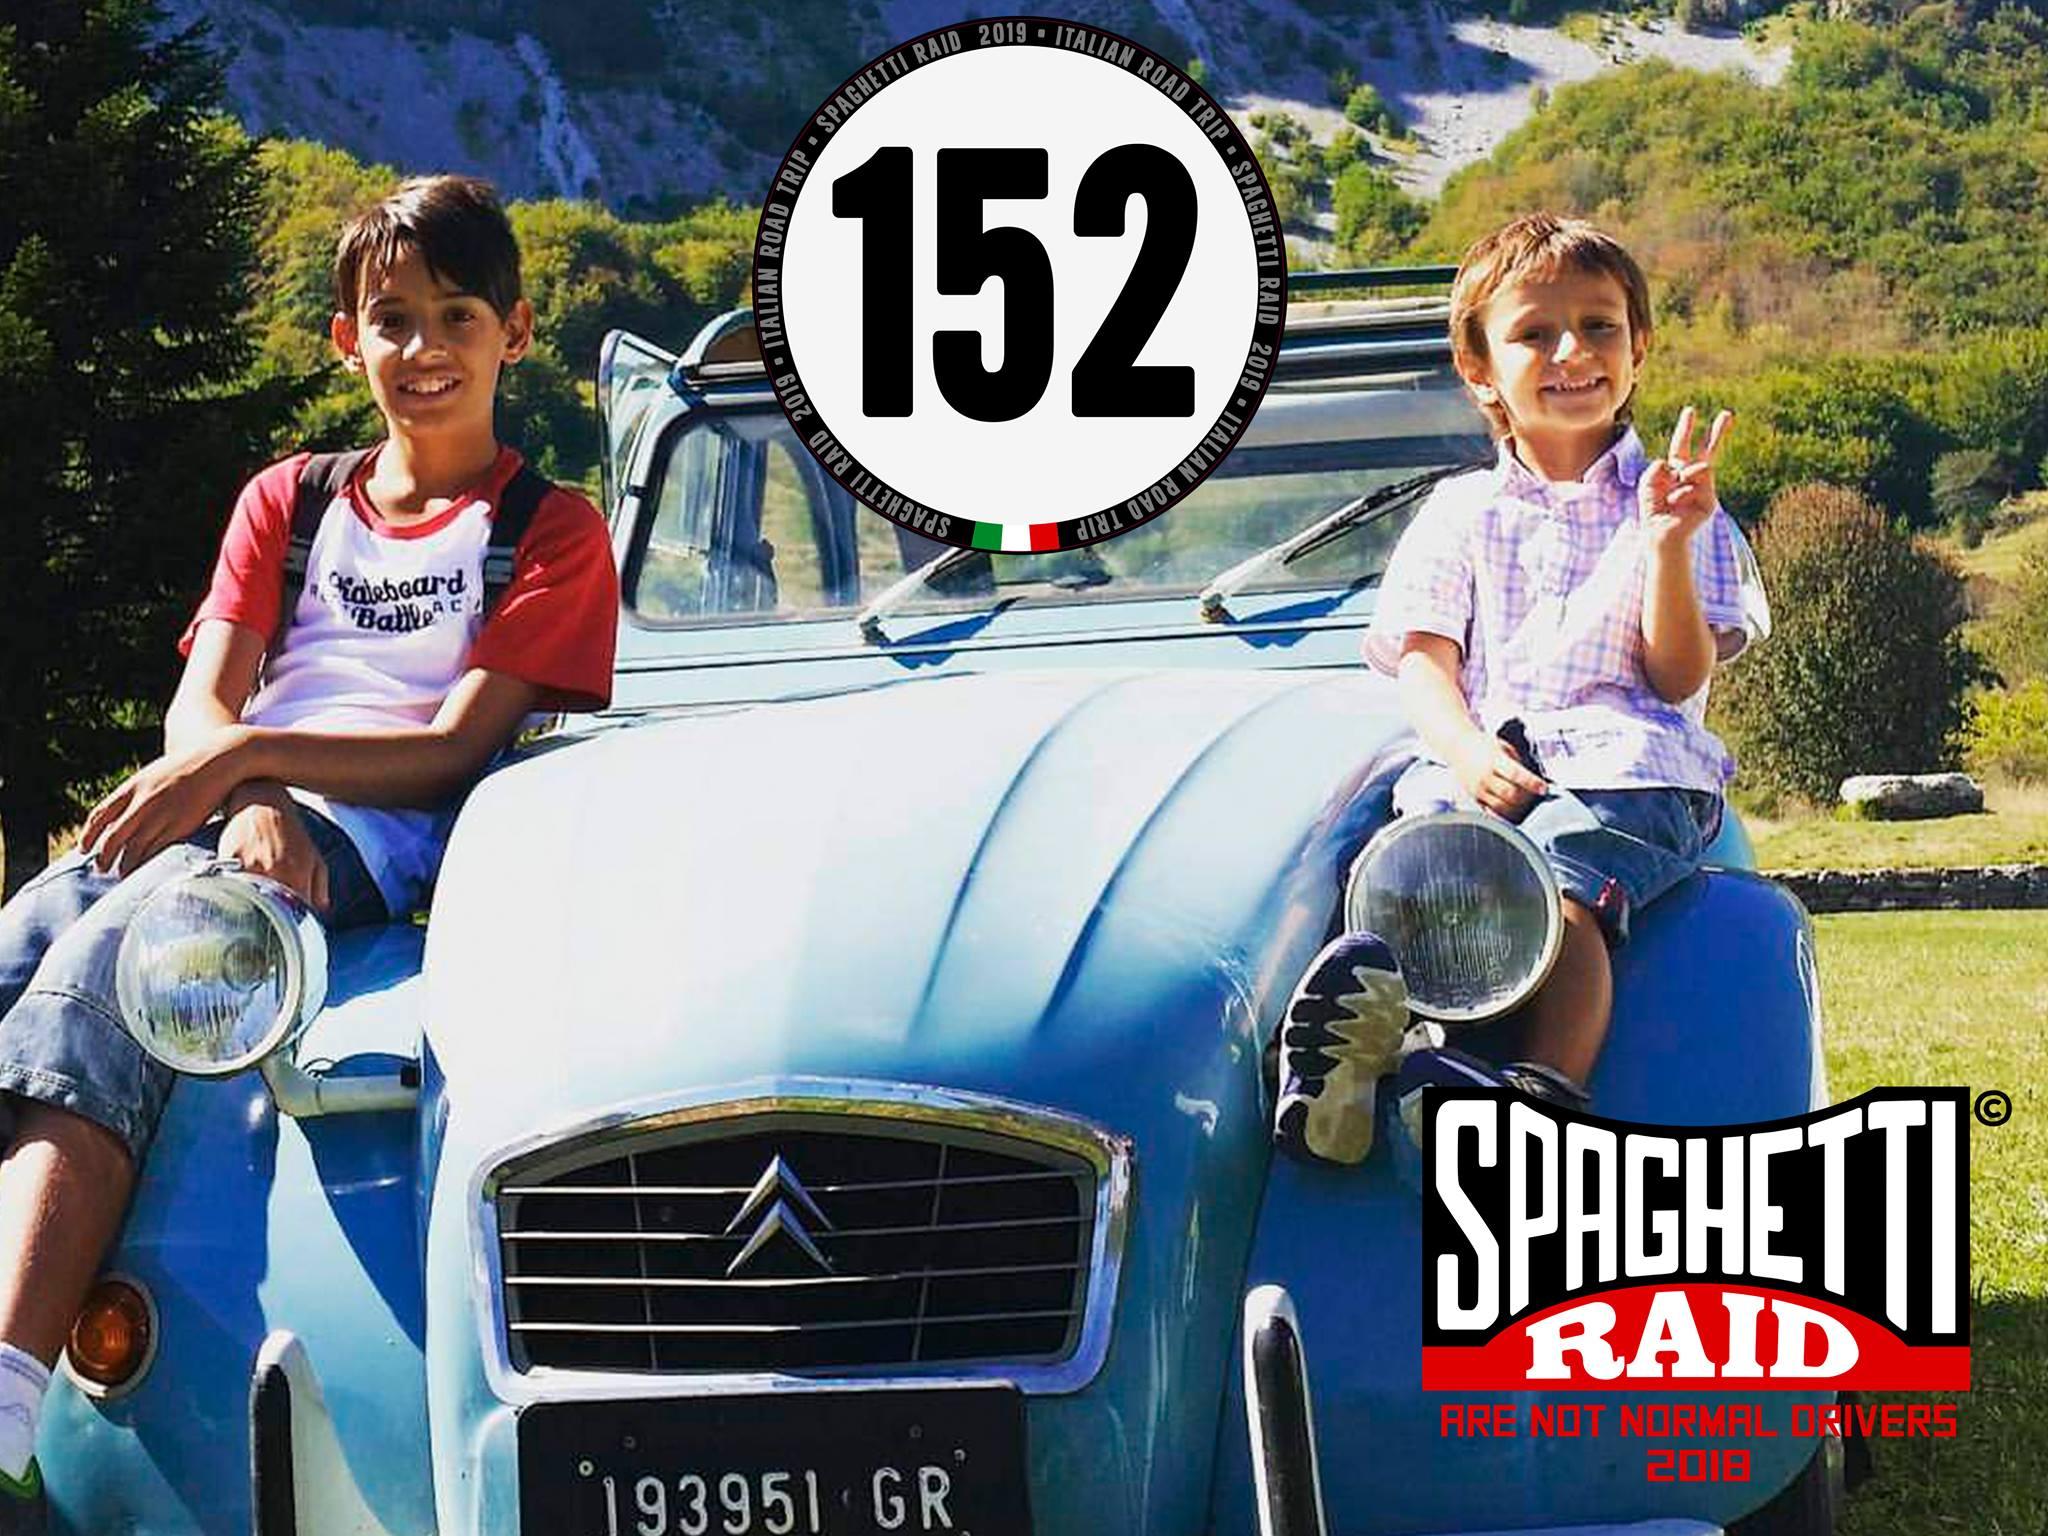 Team: I NOMADI #152 CITROEN 2CV del '82 Città: La Spezia